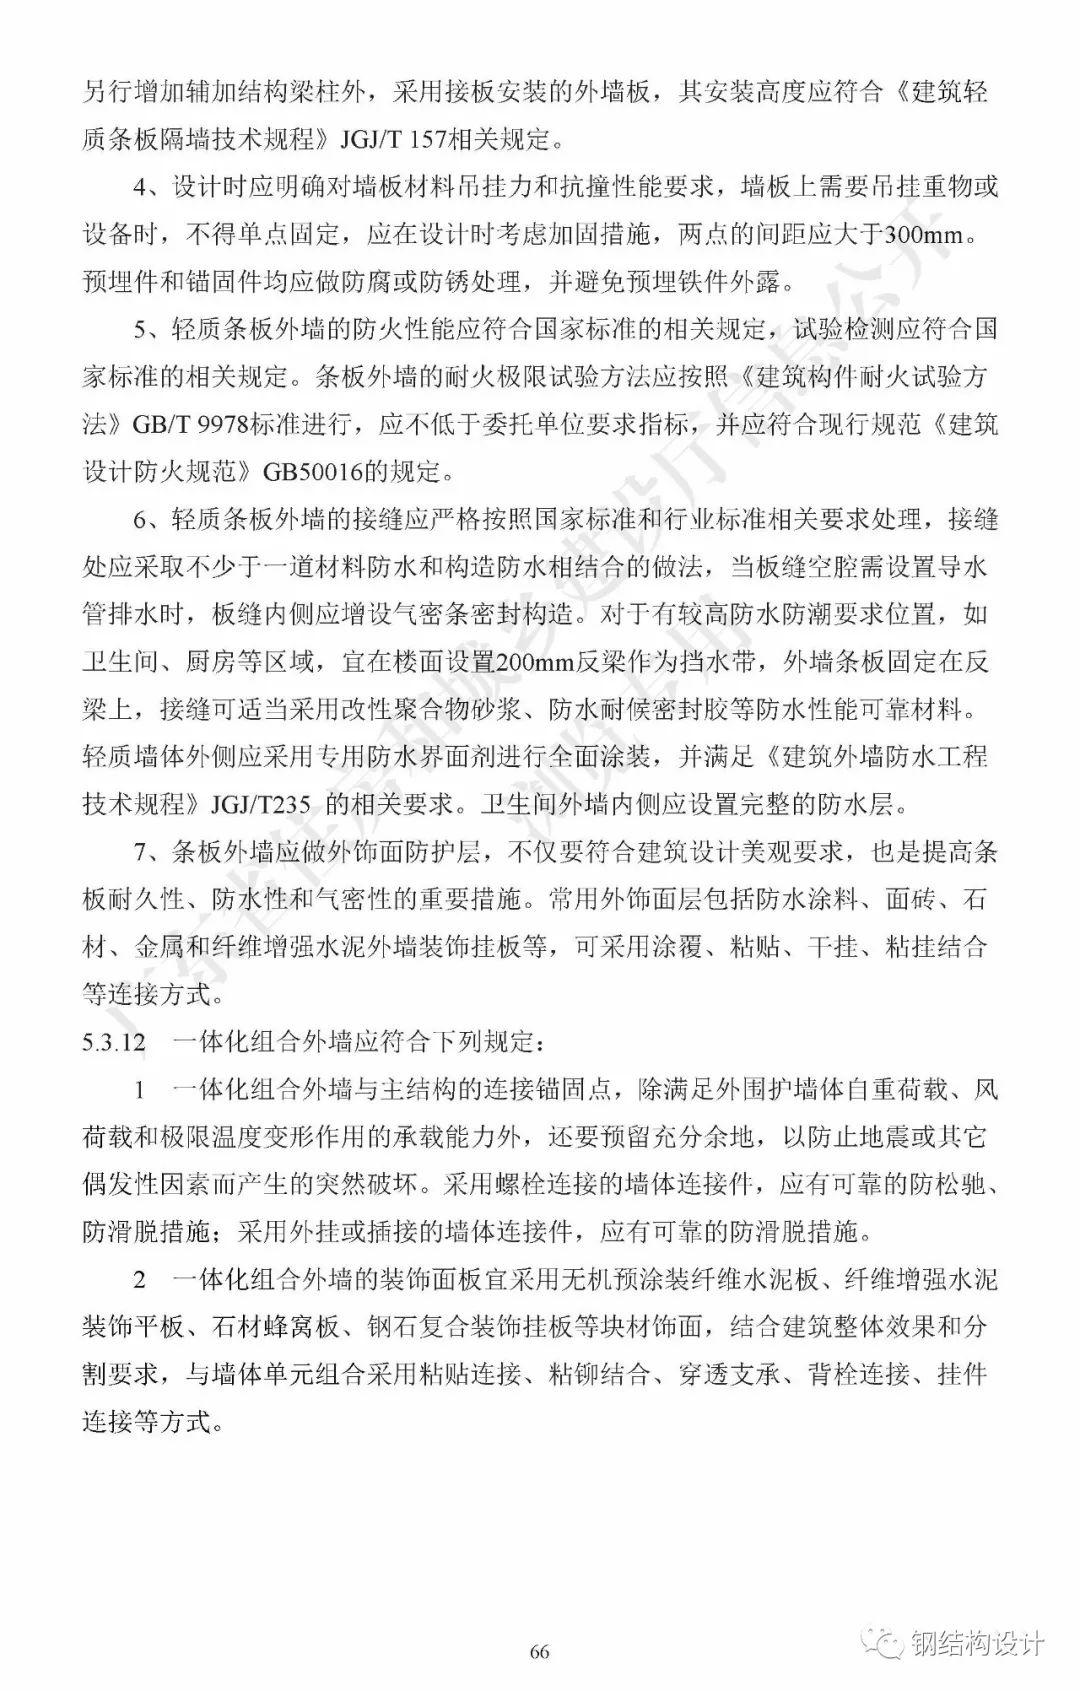 广东省《装配式钢结构建筑技术规程》发布_76